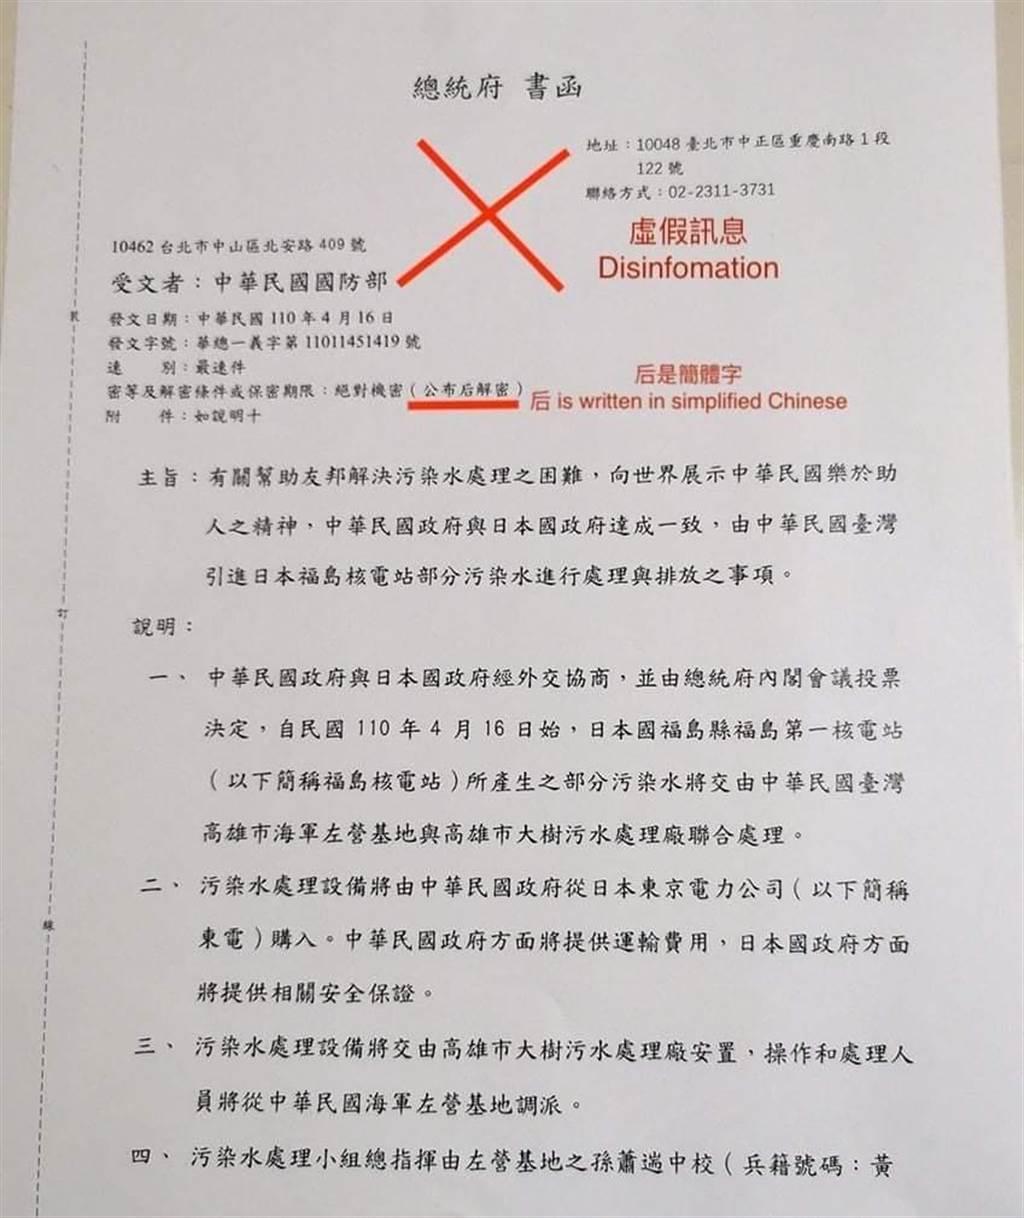 網路流傳一份來源不明的總統府公文圖片,內容稱政府引進日本汙水處理。遭到府方否認,...